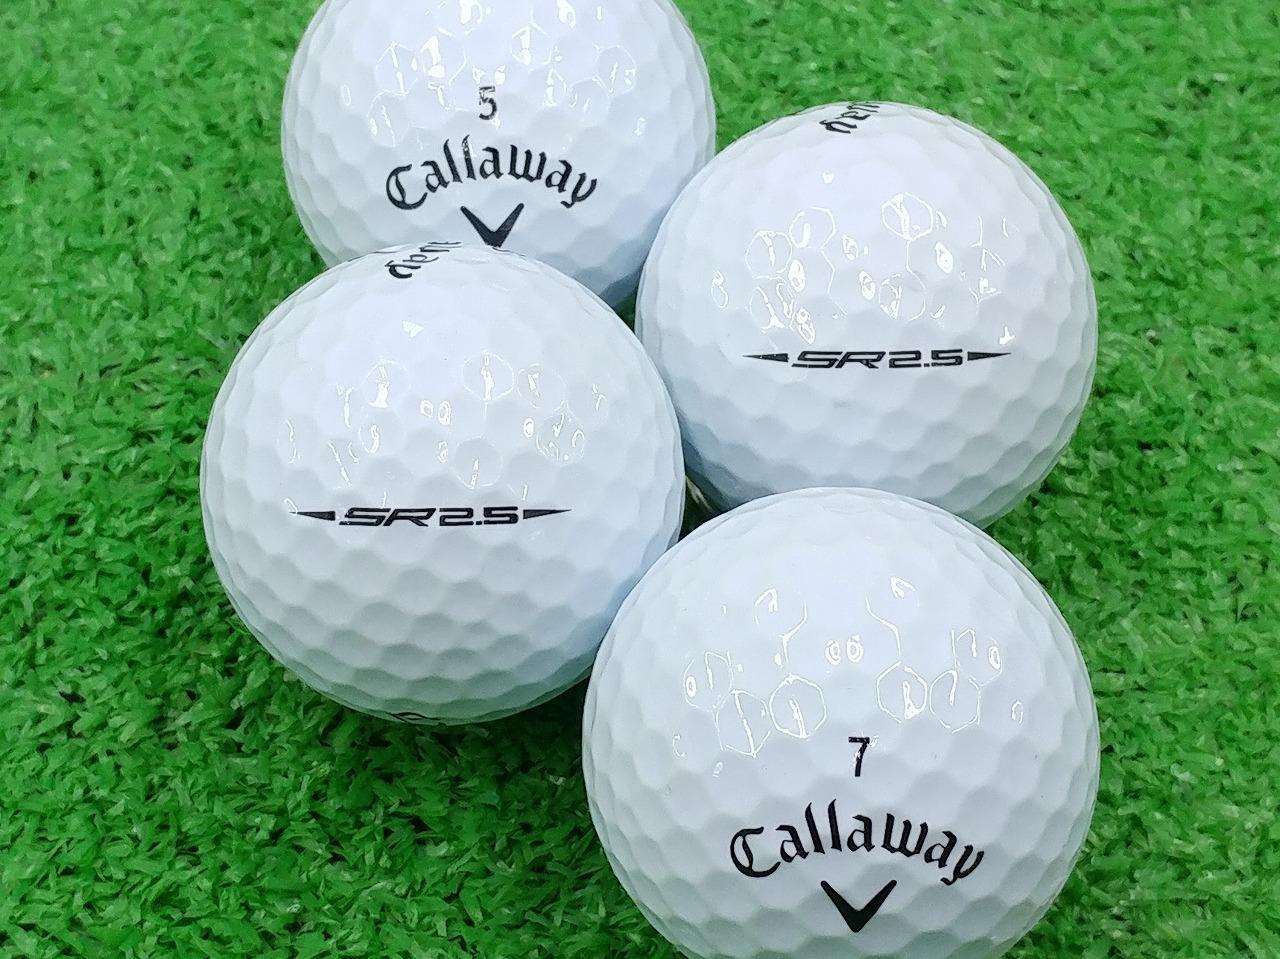 【ABランク】Callaway(キャロウェイ) SR2.5 2014年モデル 1個